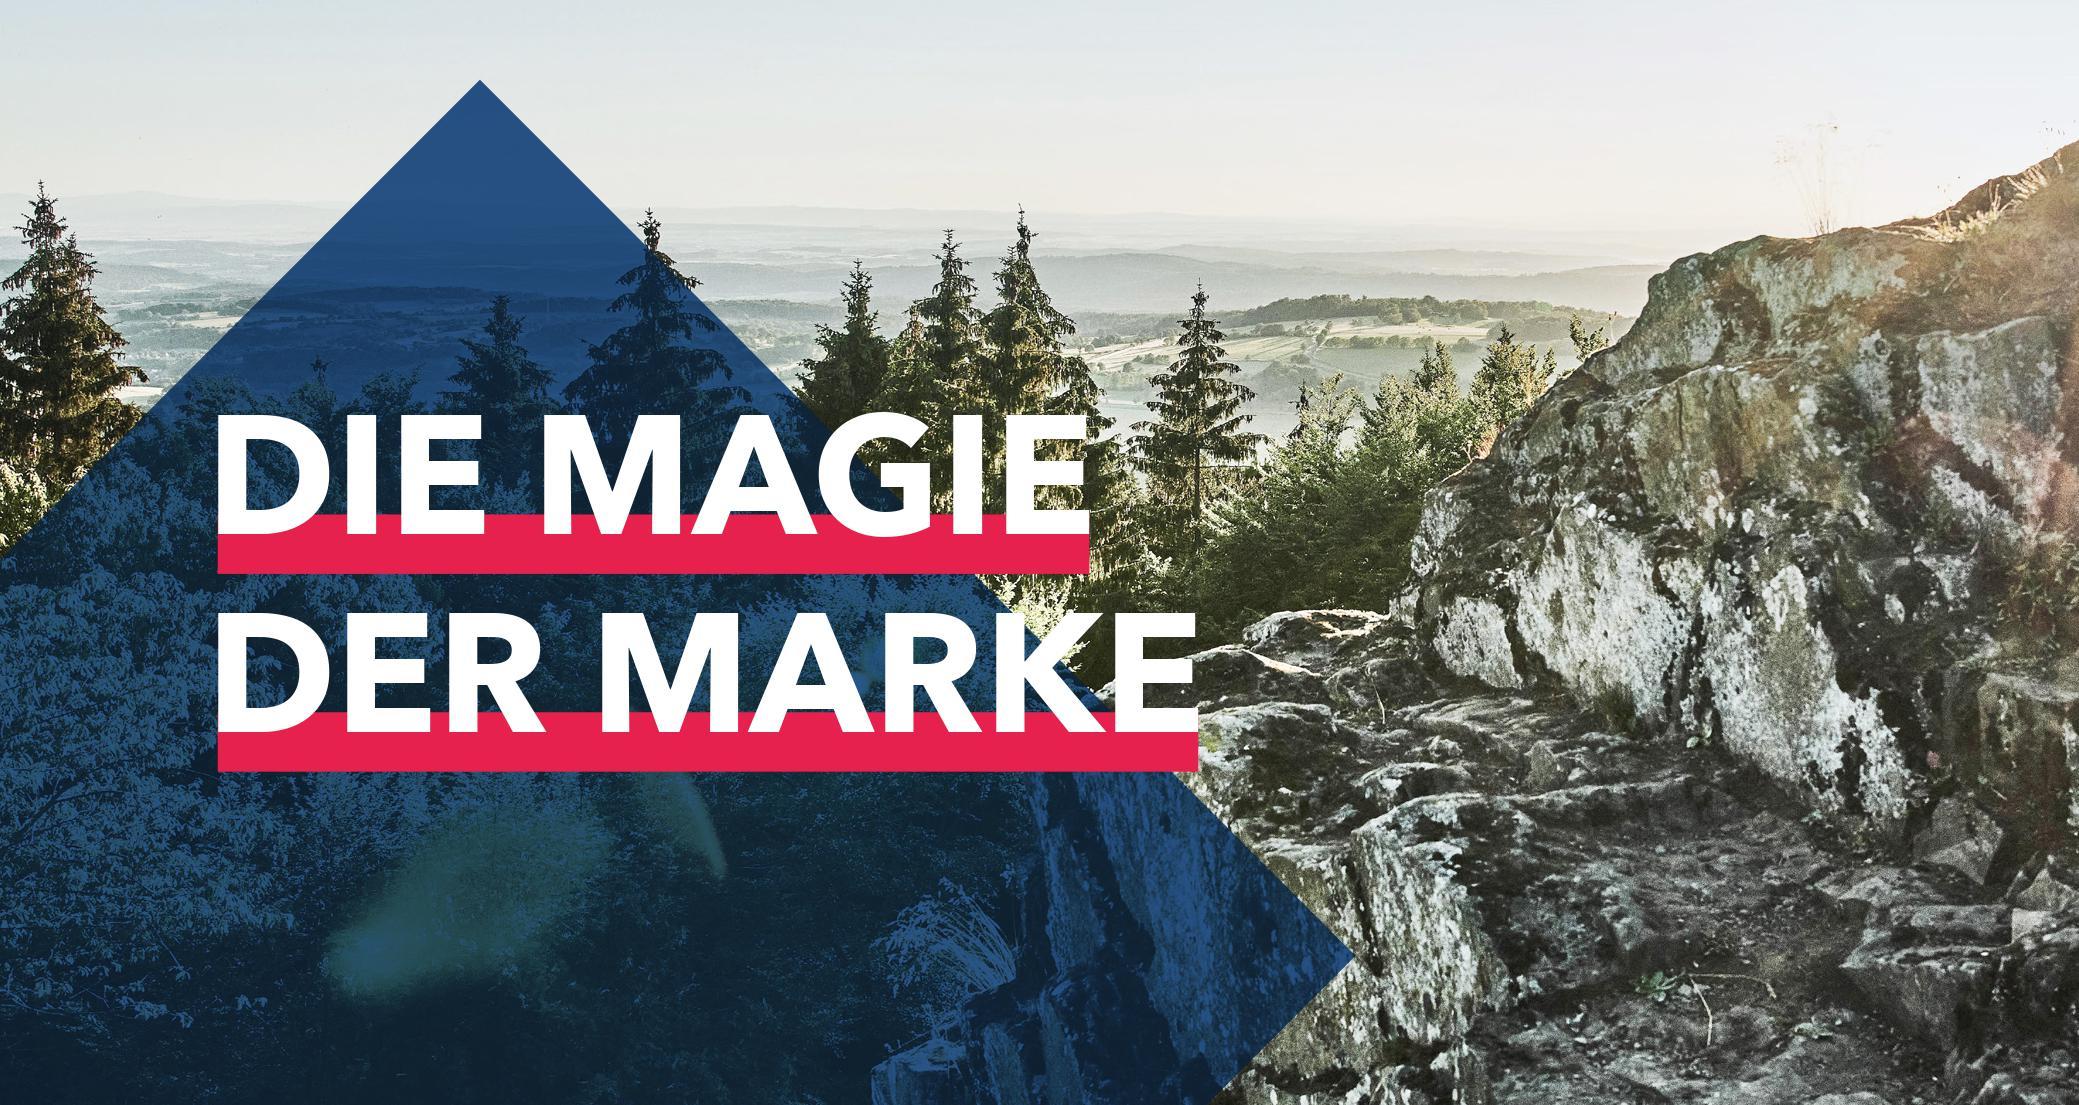 Die Magie der Marke